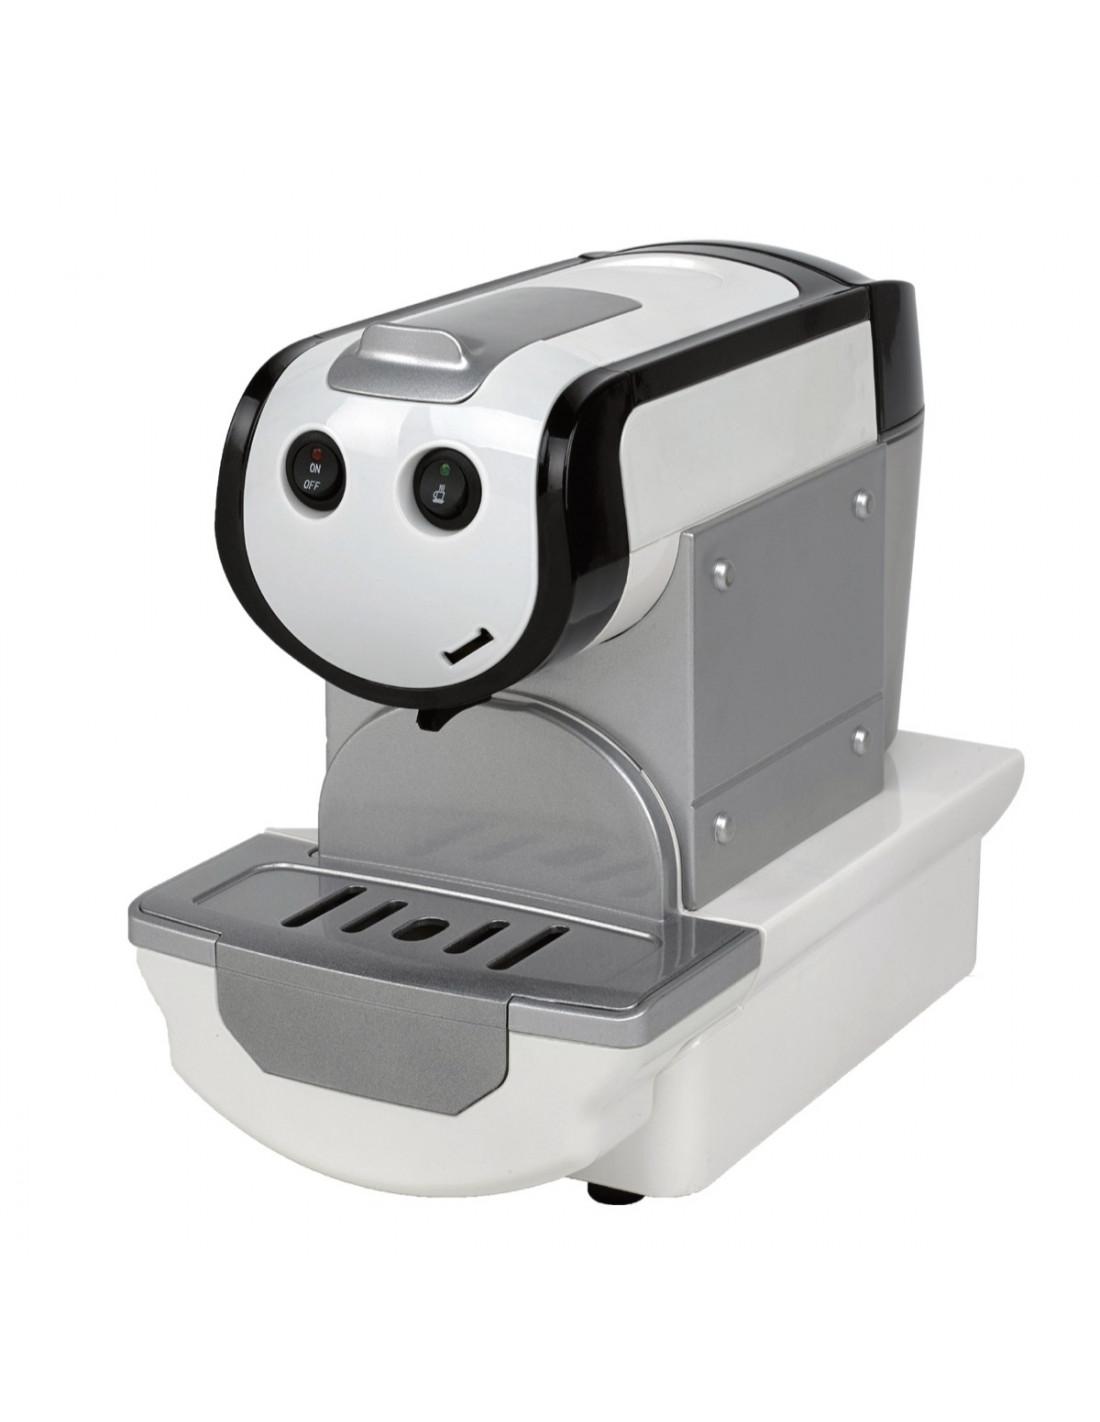 pagare Colpevole Altri posti  Panafè - NANO 2.0 - Macchina a capsule Compatibili Lavazza™ Espresso Point  FAP - Bianca